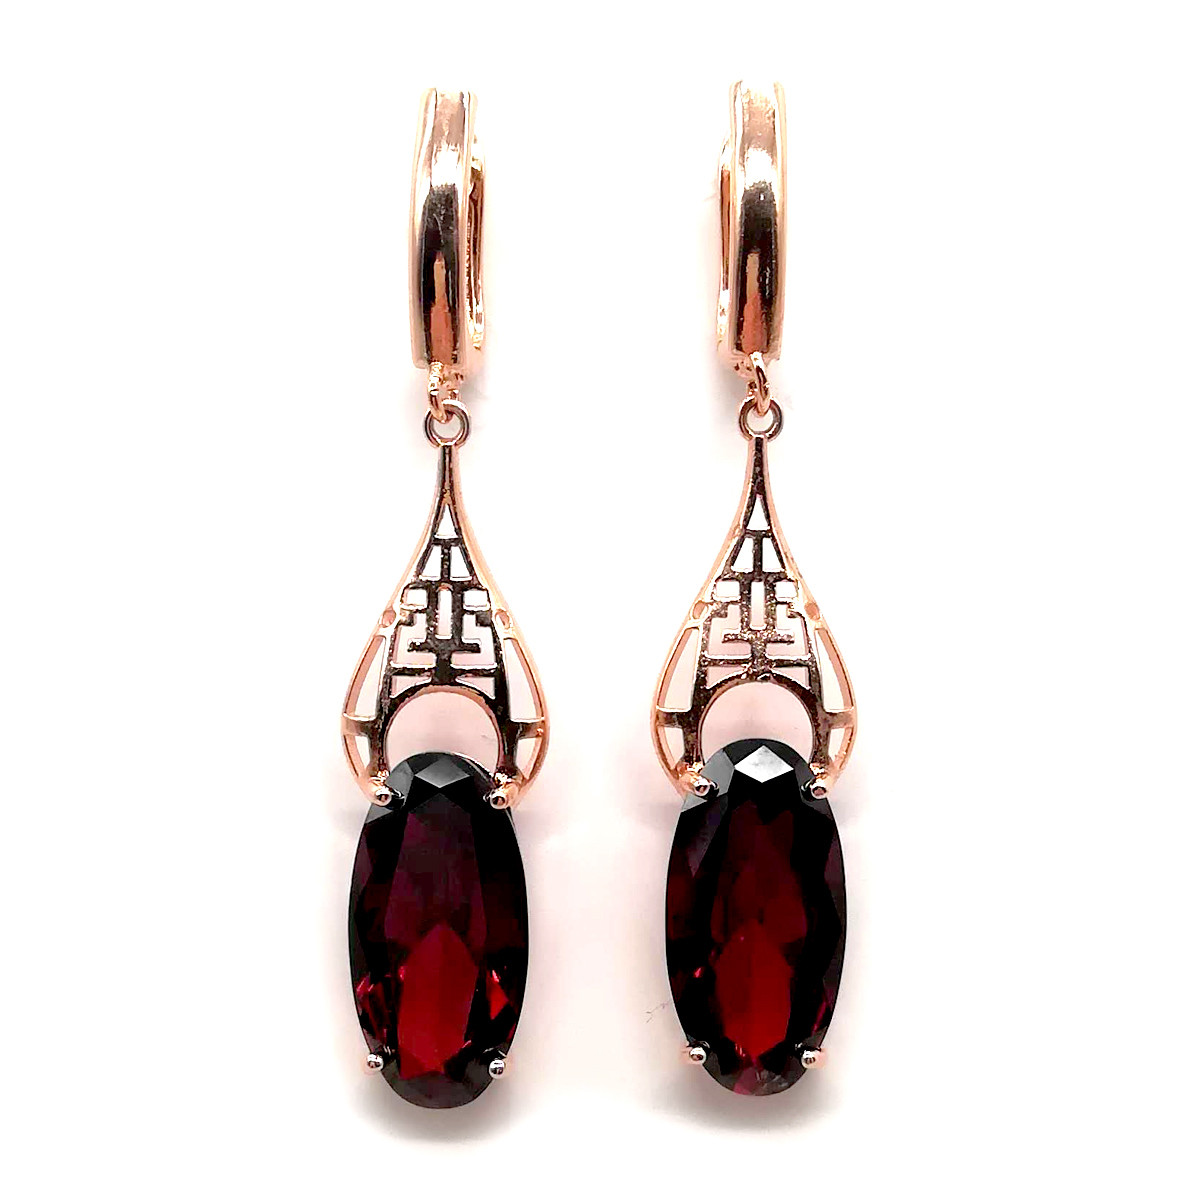 Серьги SONATA из медицинского золота, темно-красные фианиты, позолота PO, 23383       (1)